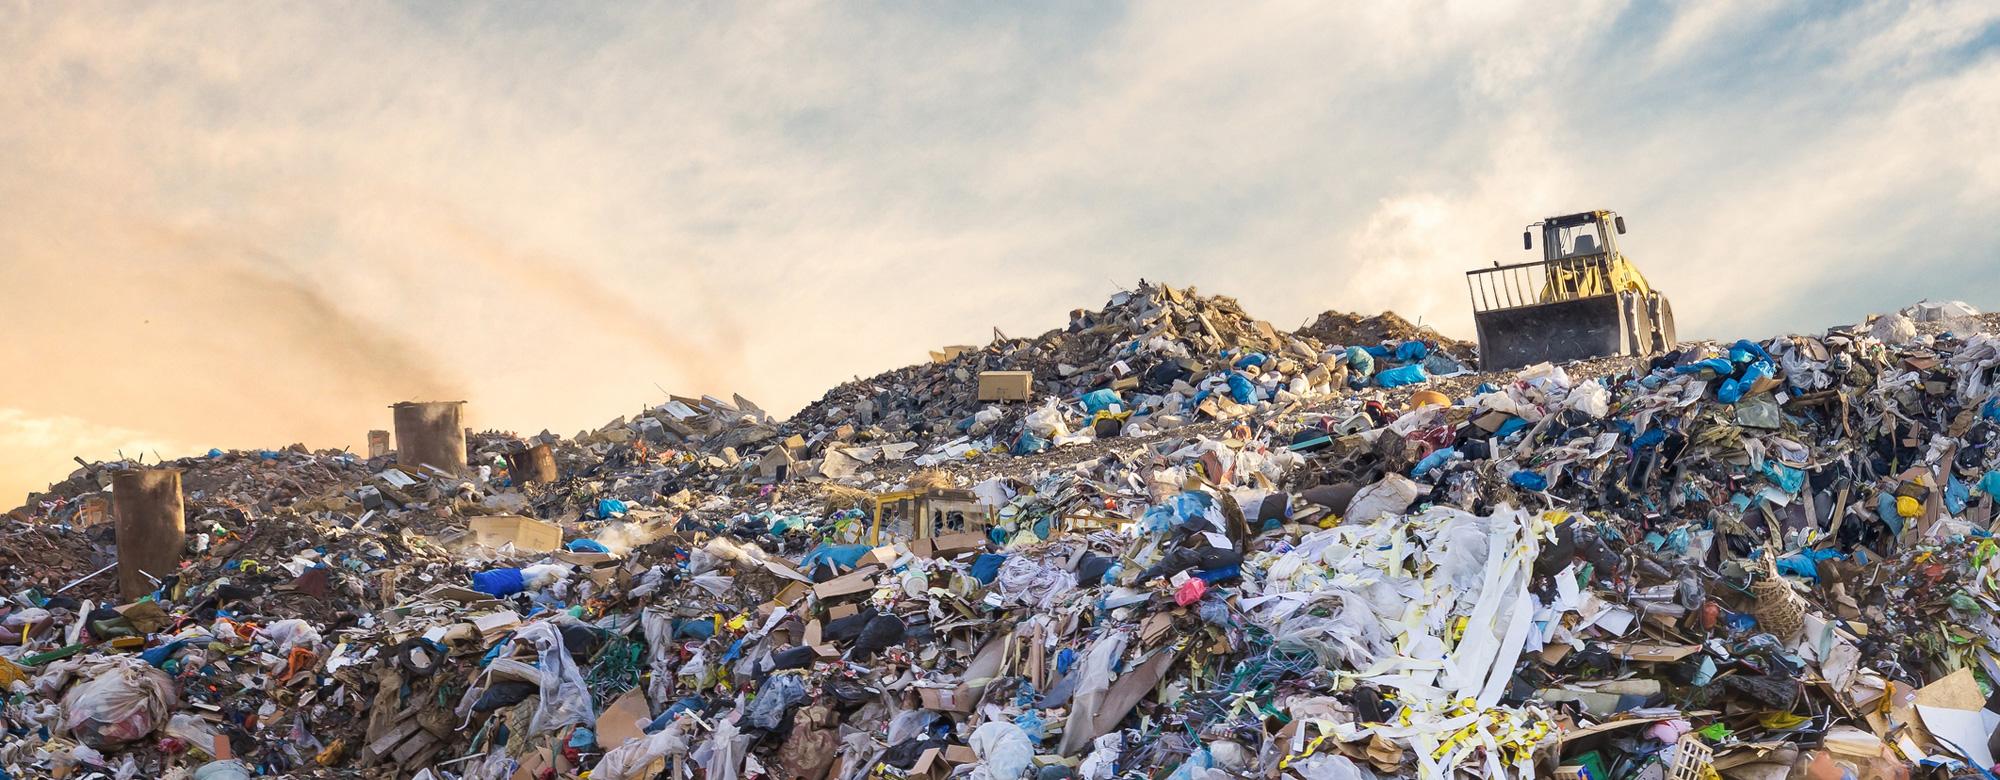 Gestione rifiuti: nuovo D.Lgs n. 116 del 2020 - Prime indicazioni operative